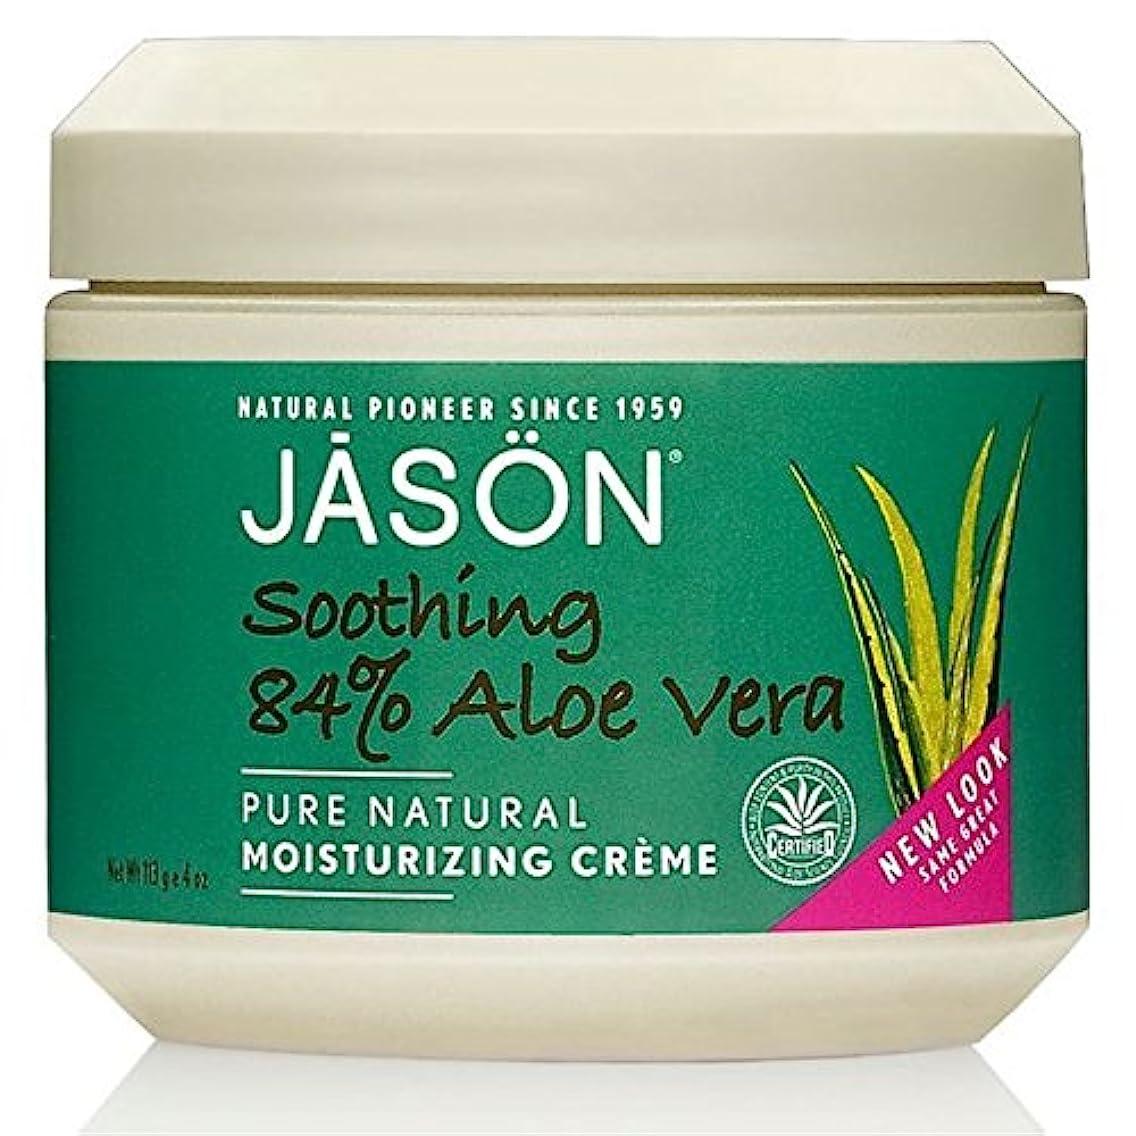 フォーム驚いた理論ジェイソン?アロエベラ84%の保湿クリーム113グラム x4 - Jason Aloe Vera 84% Moisturising Cream 113g (Pack of 4) [並行輸入品]